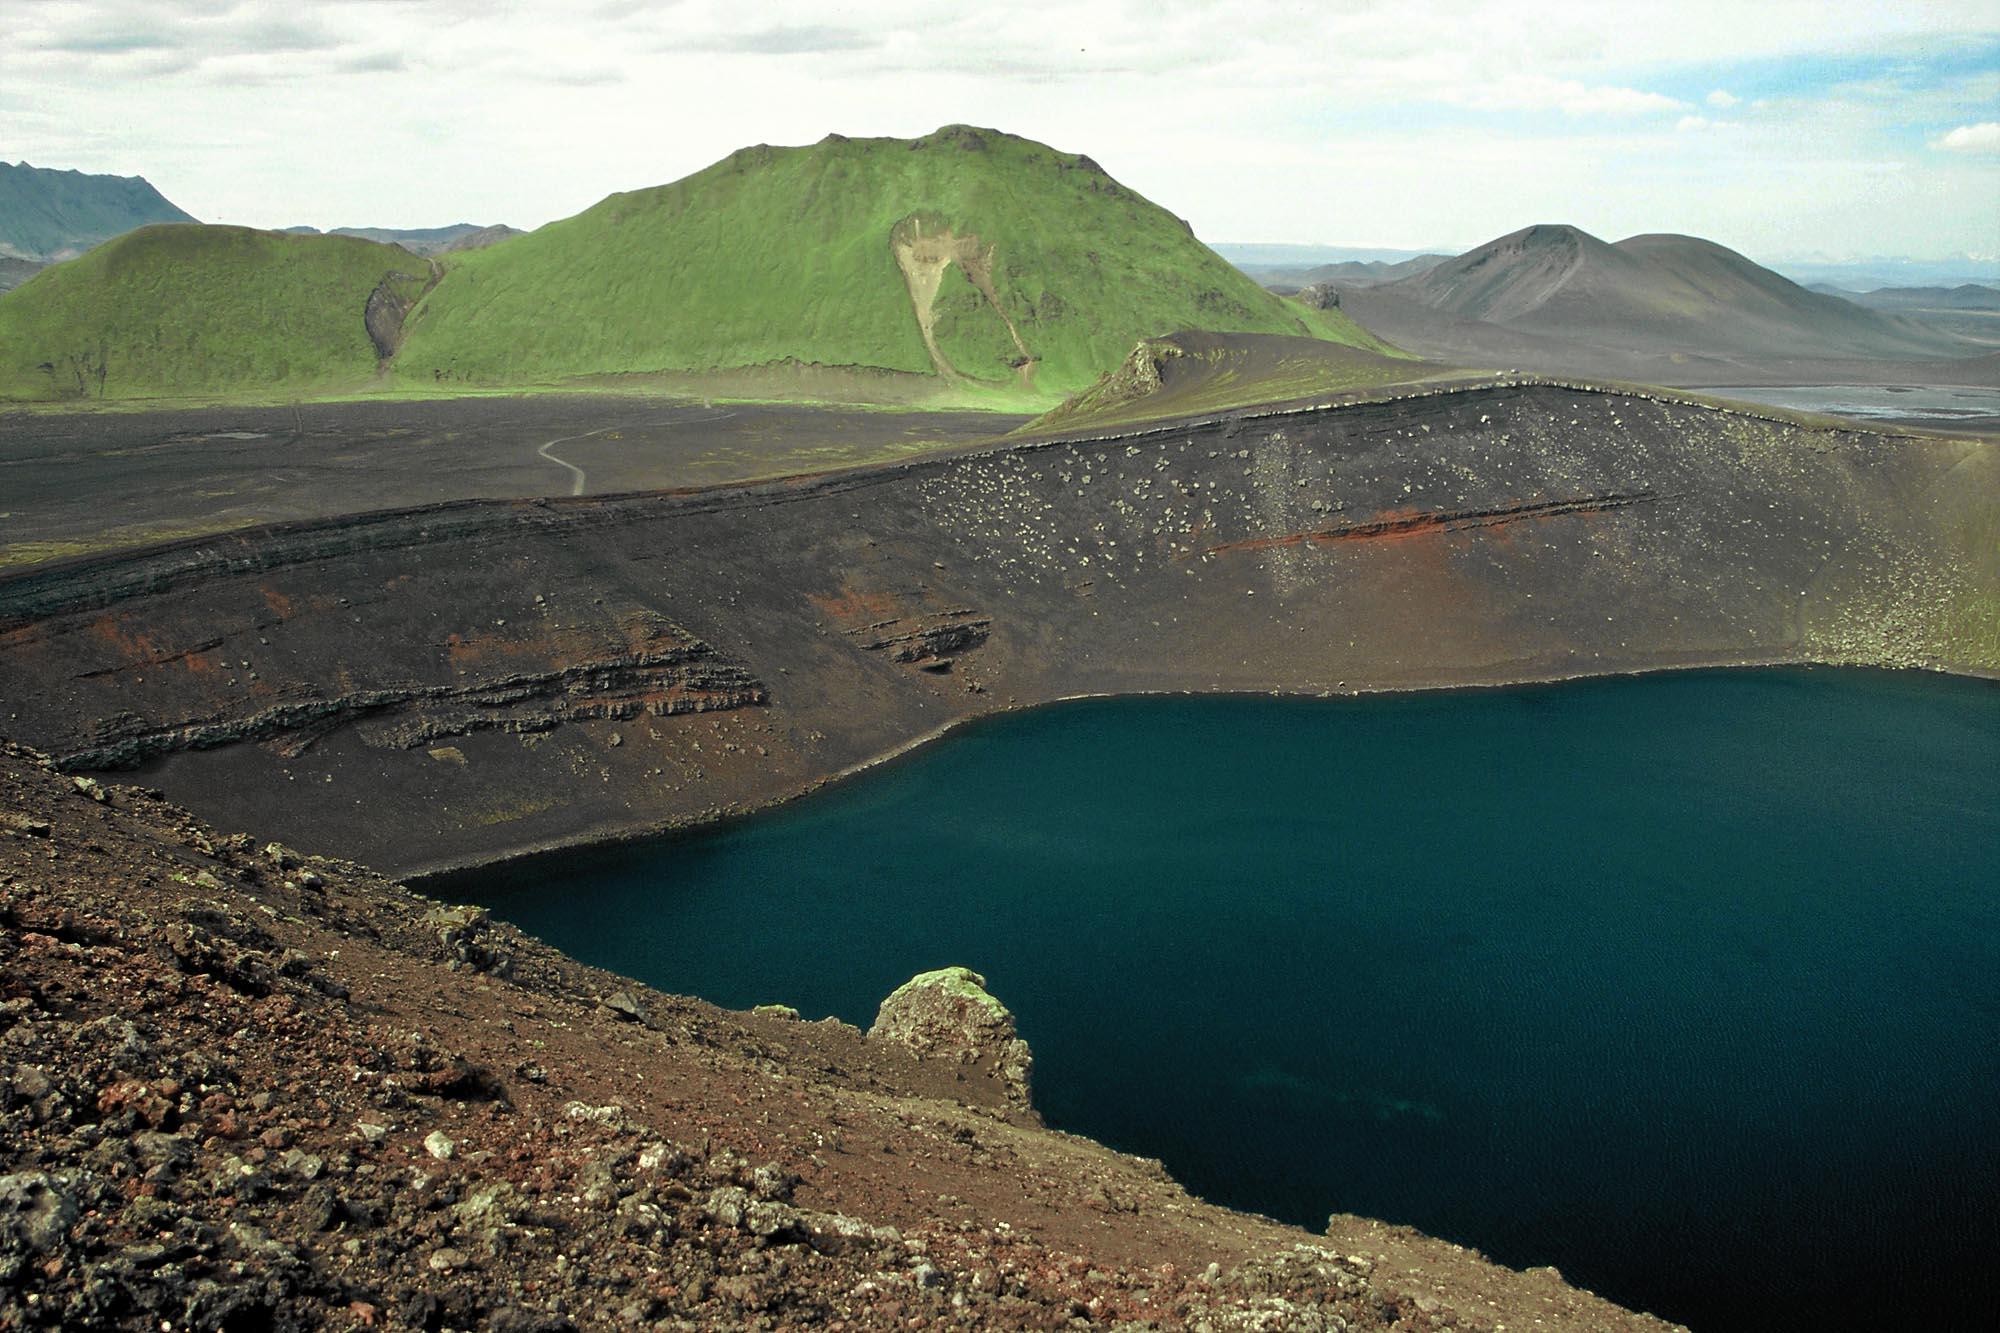 island-vulkan-caldera-small